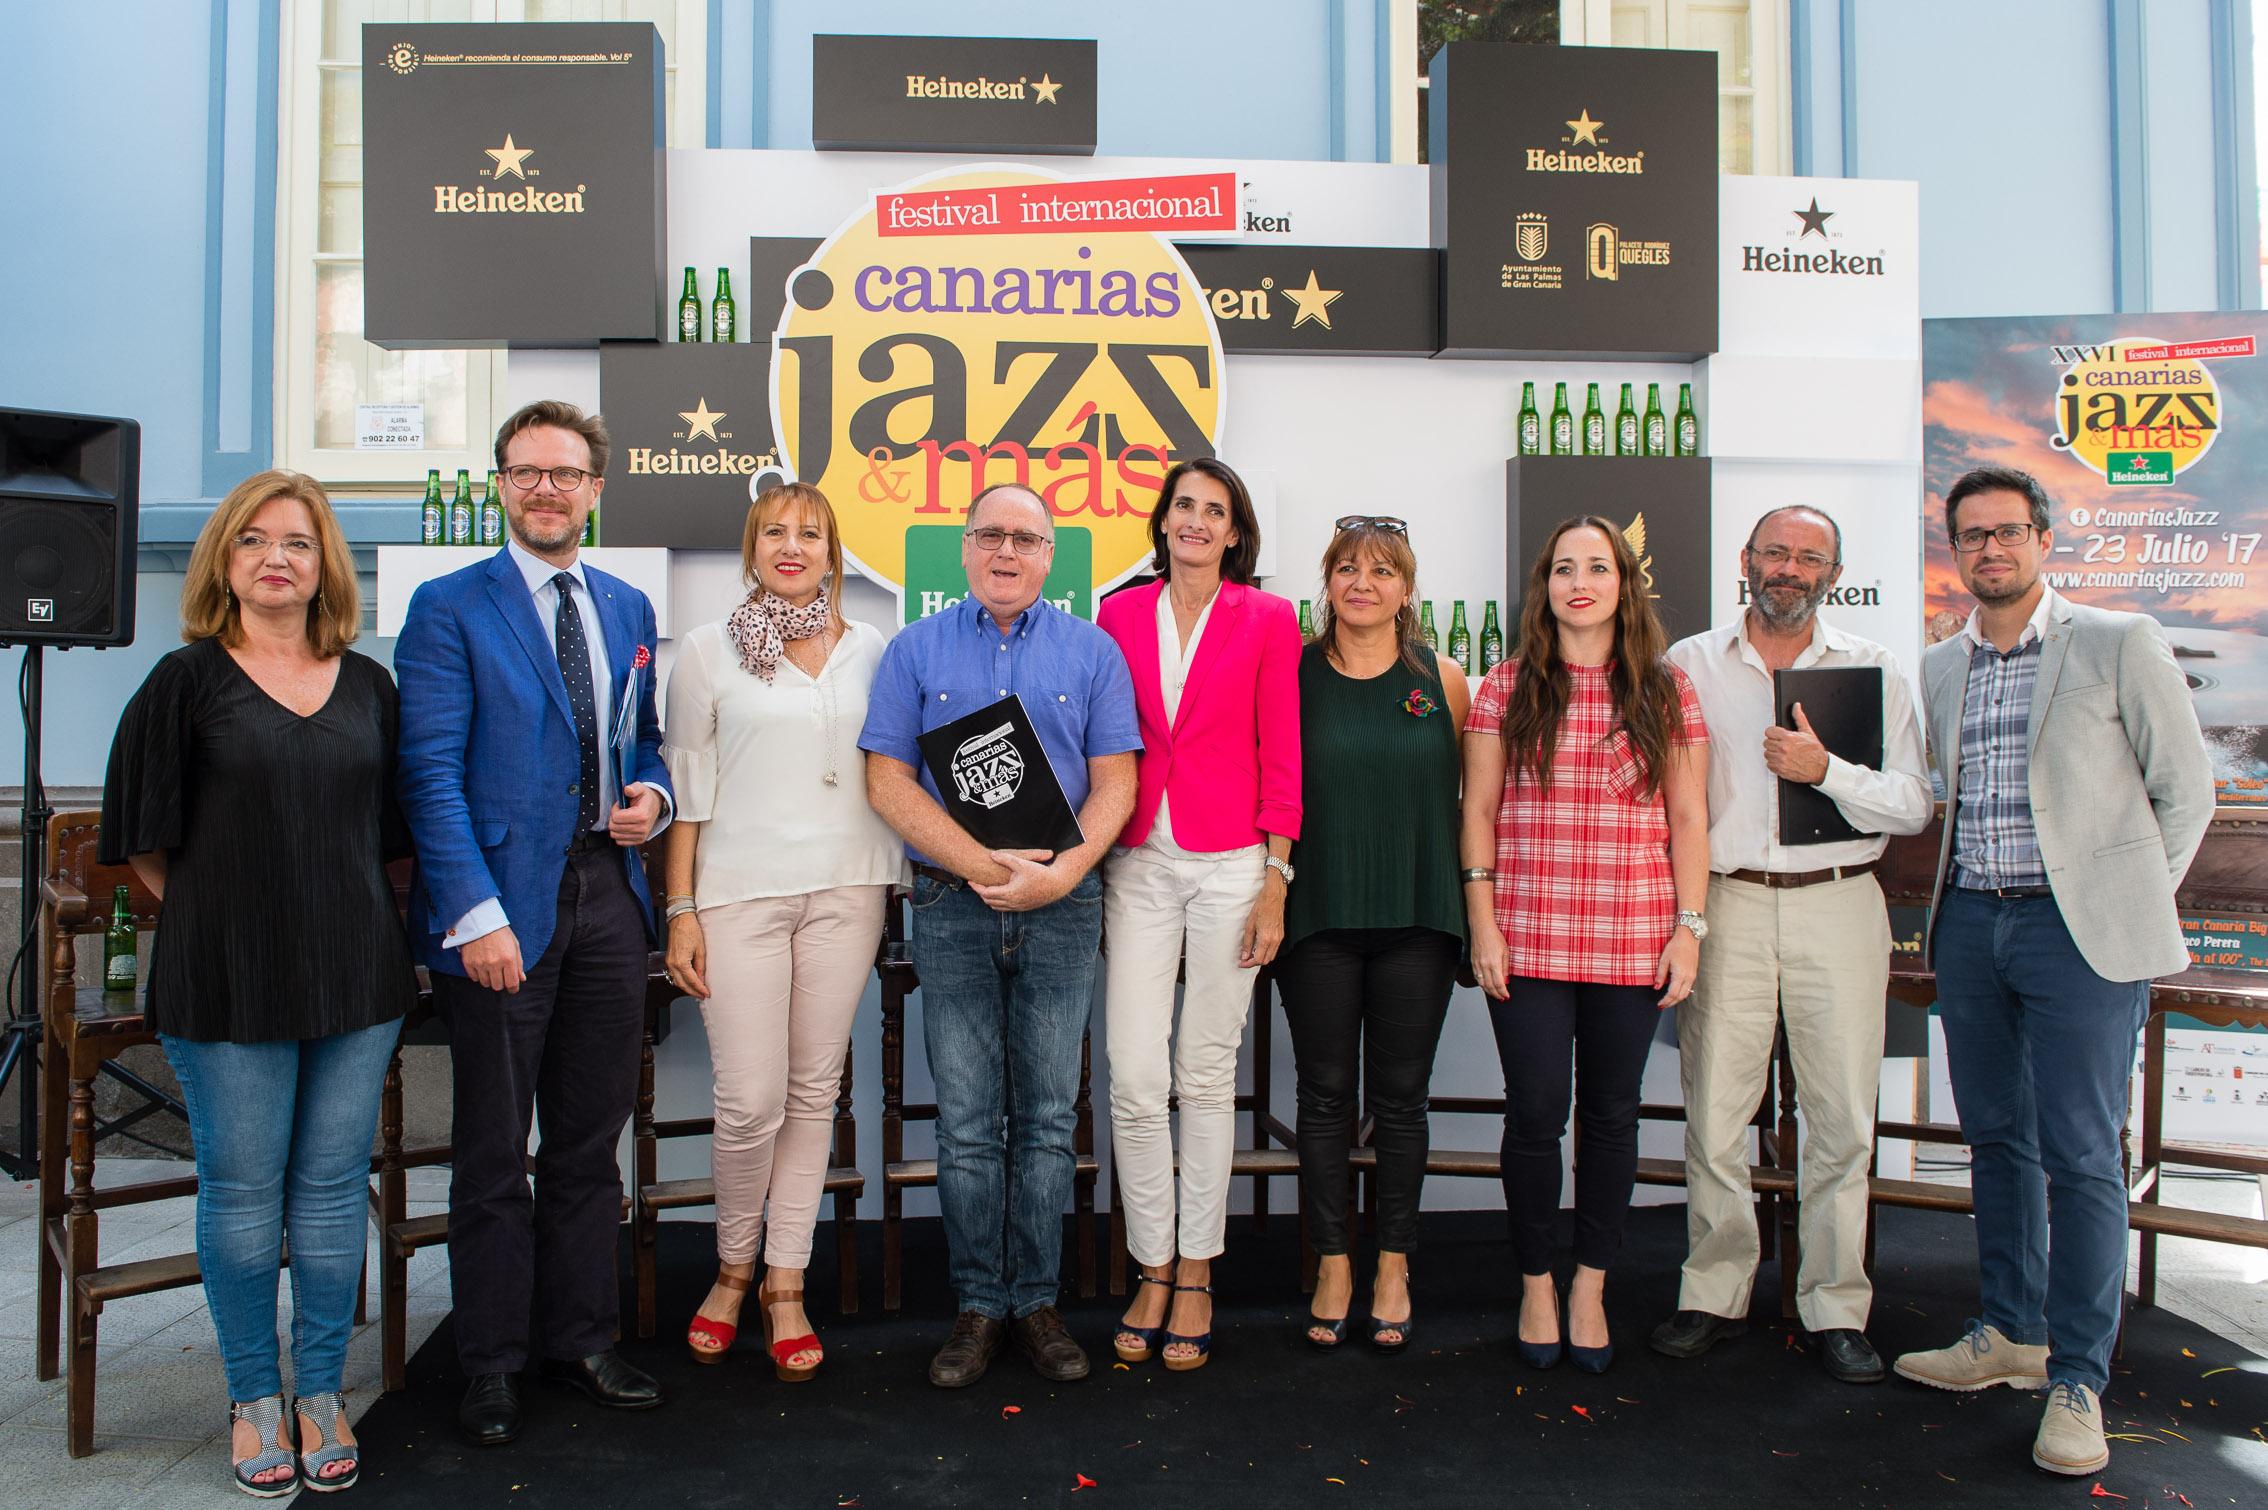 El Festival Canarias Jazz & Más Heineken arranca el viernes